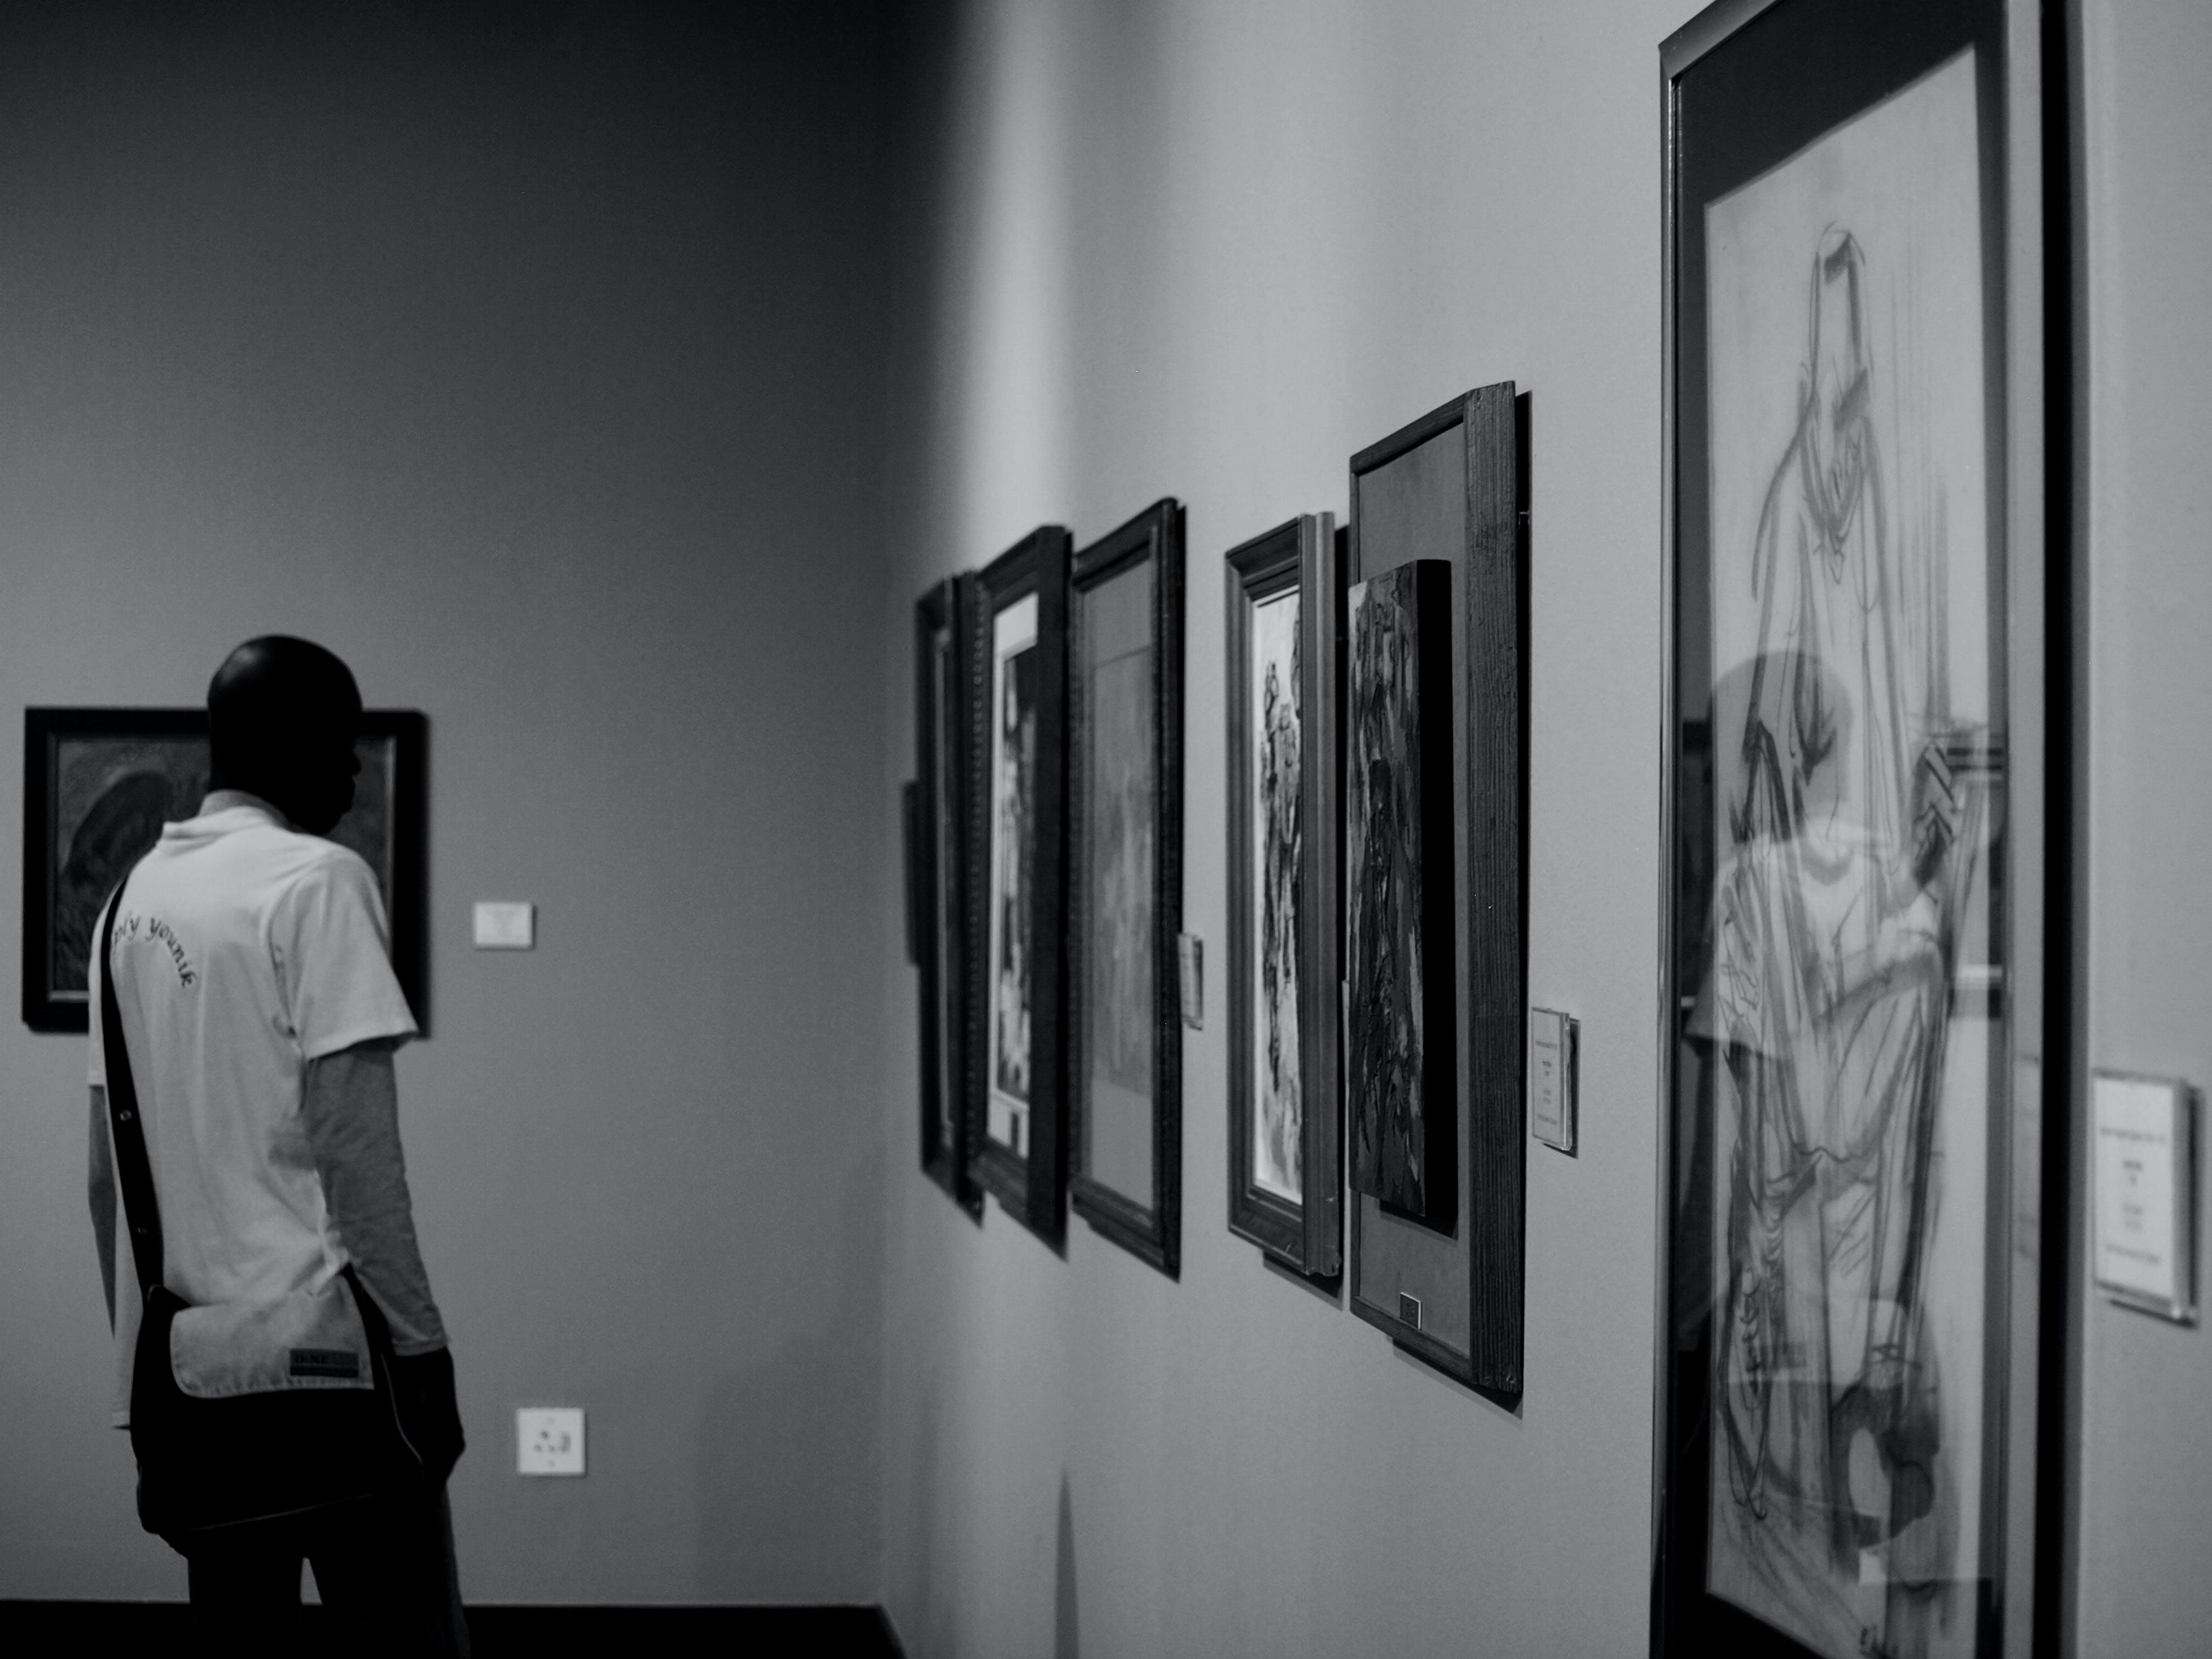 #bnw, #duvar, #fotoğraf, #gallery içeren Ücretsiz stok fotoğraf